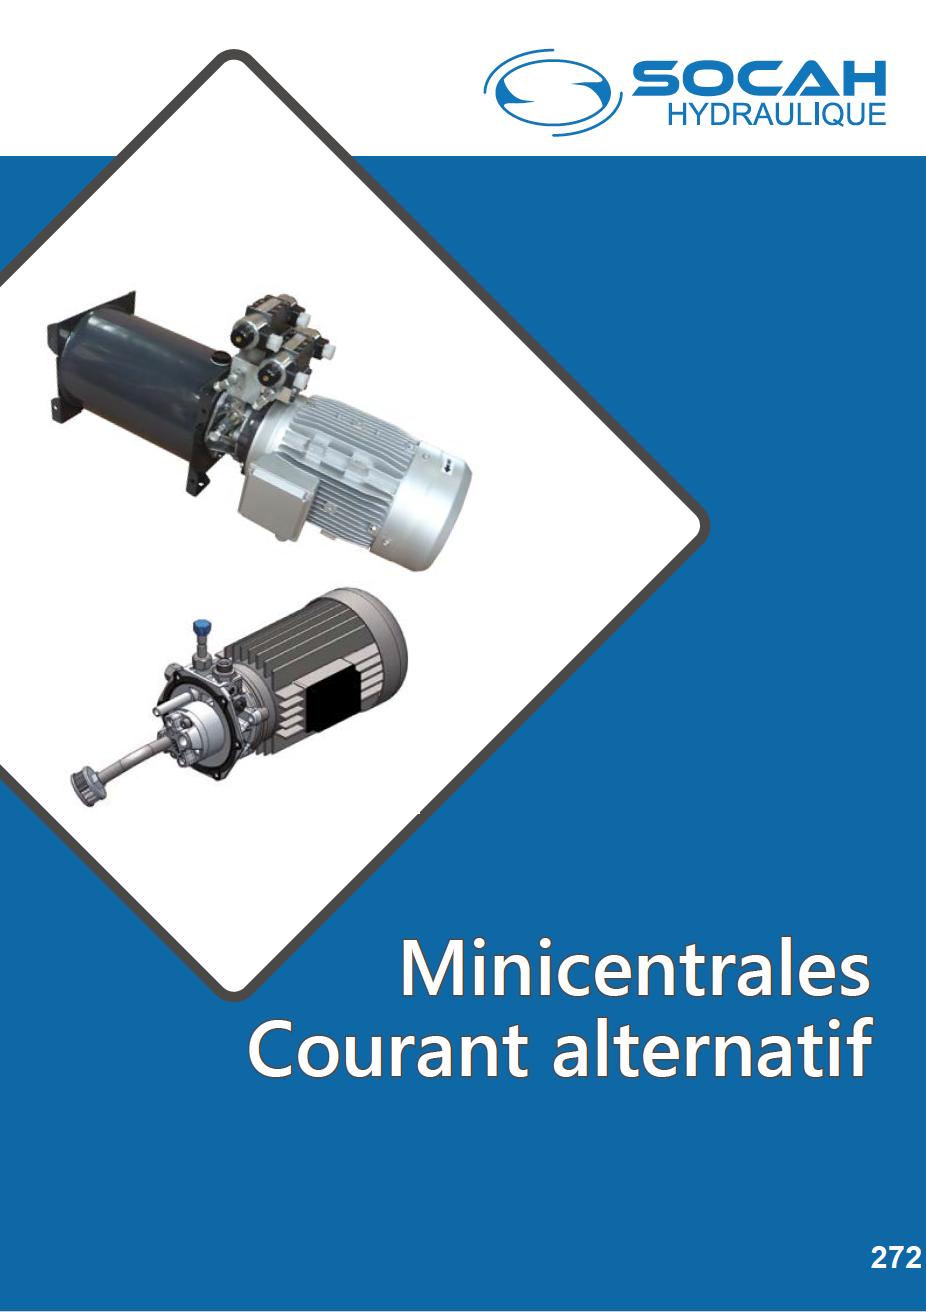 Fiche technique minicentrales courant alternatif